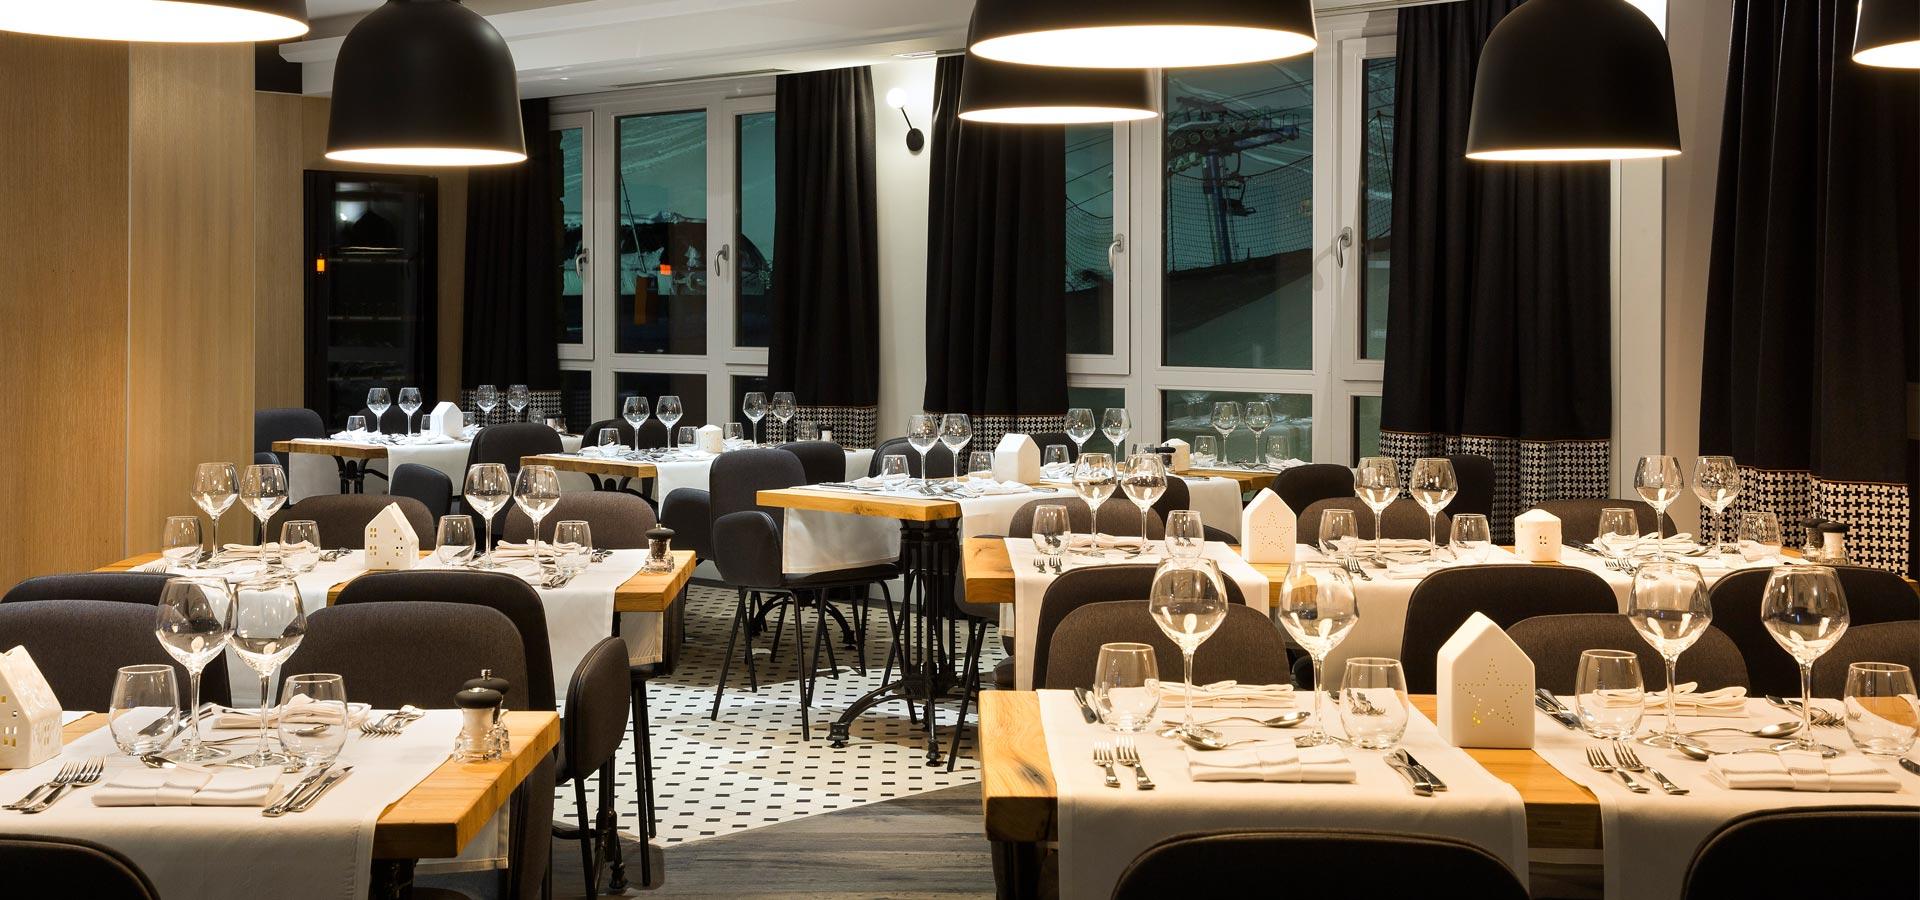 Mobilier Restaurant L'Araucaria | Poitoux